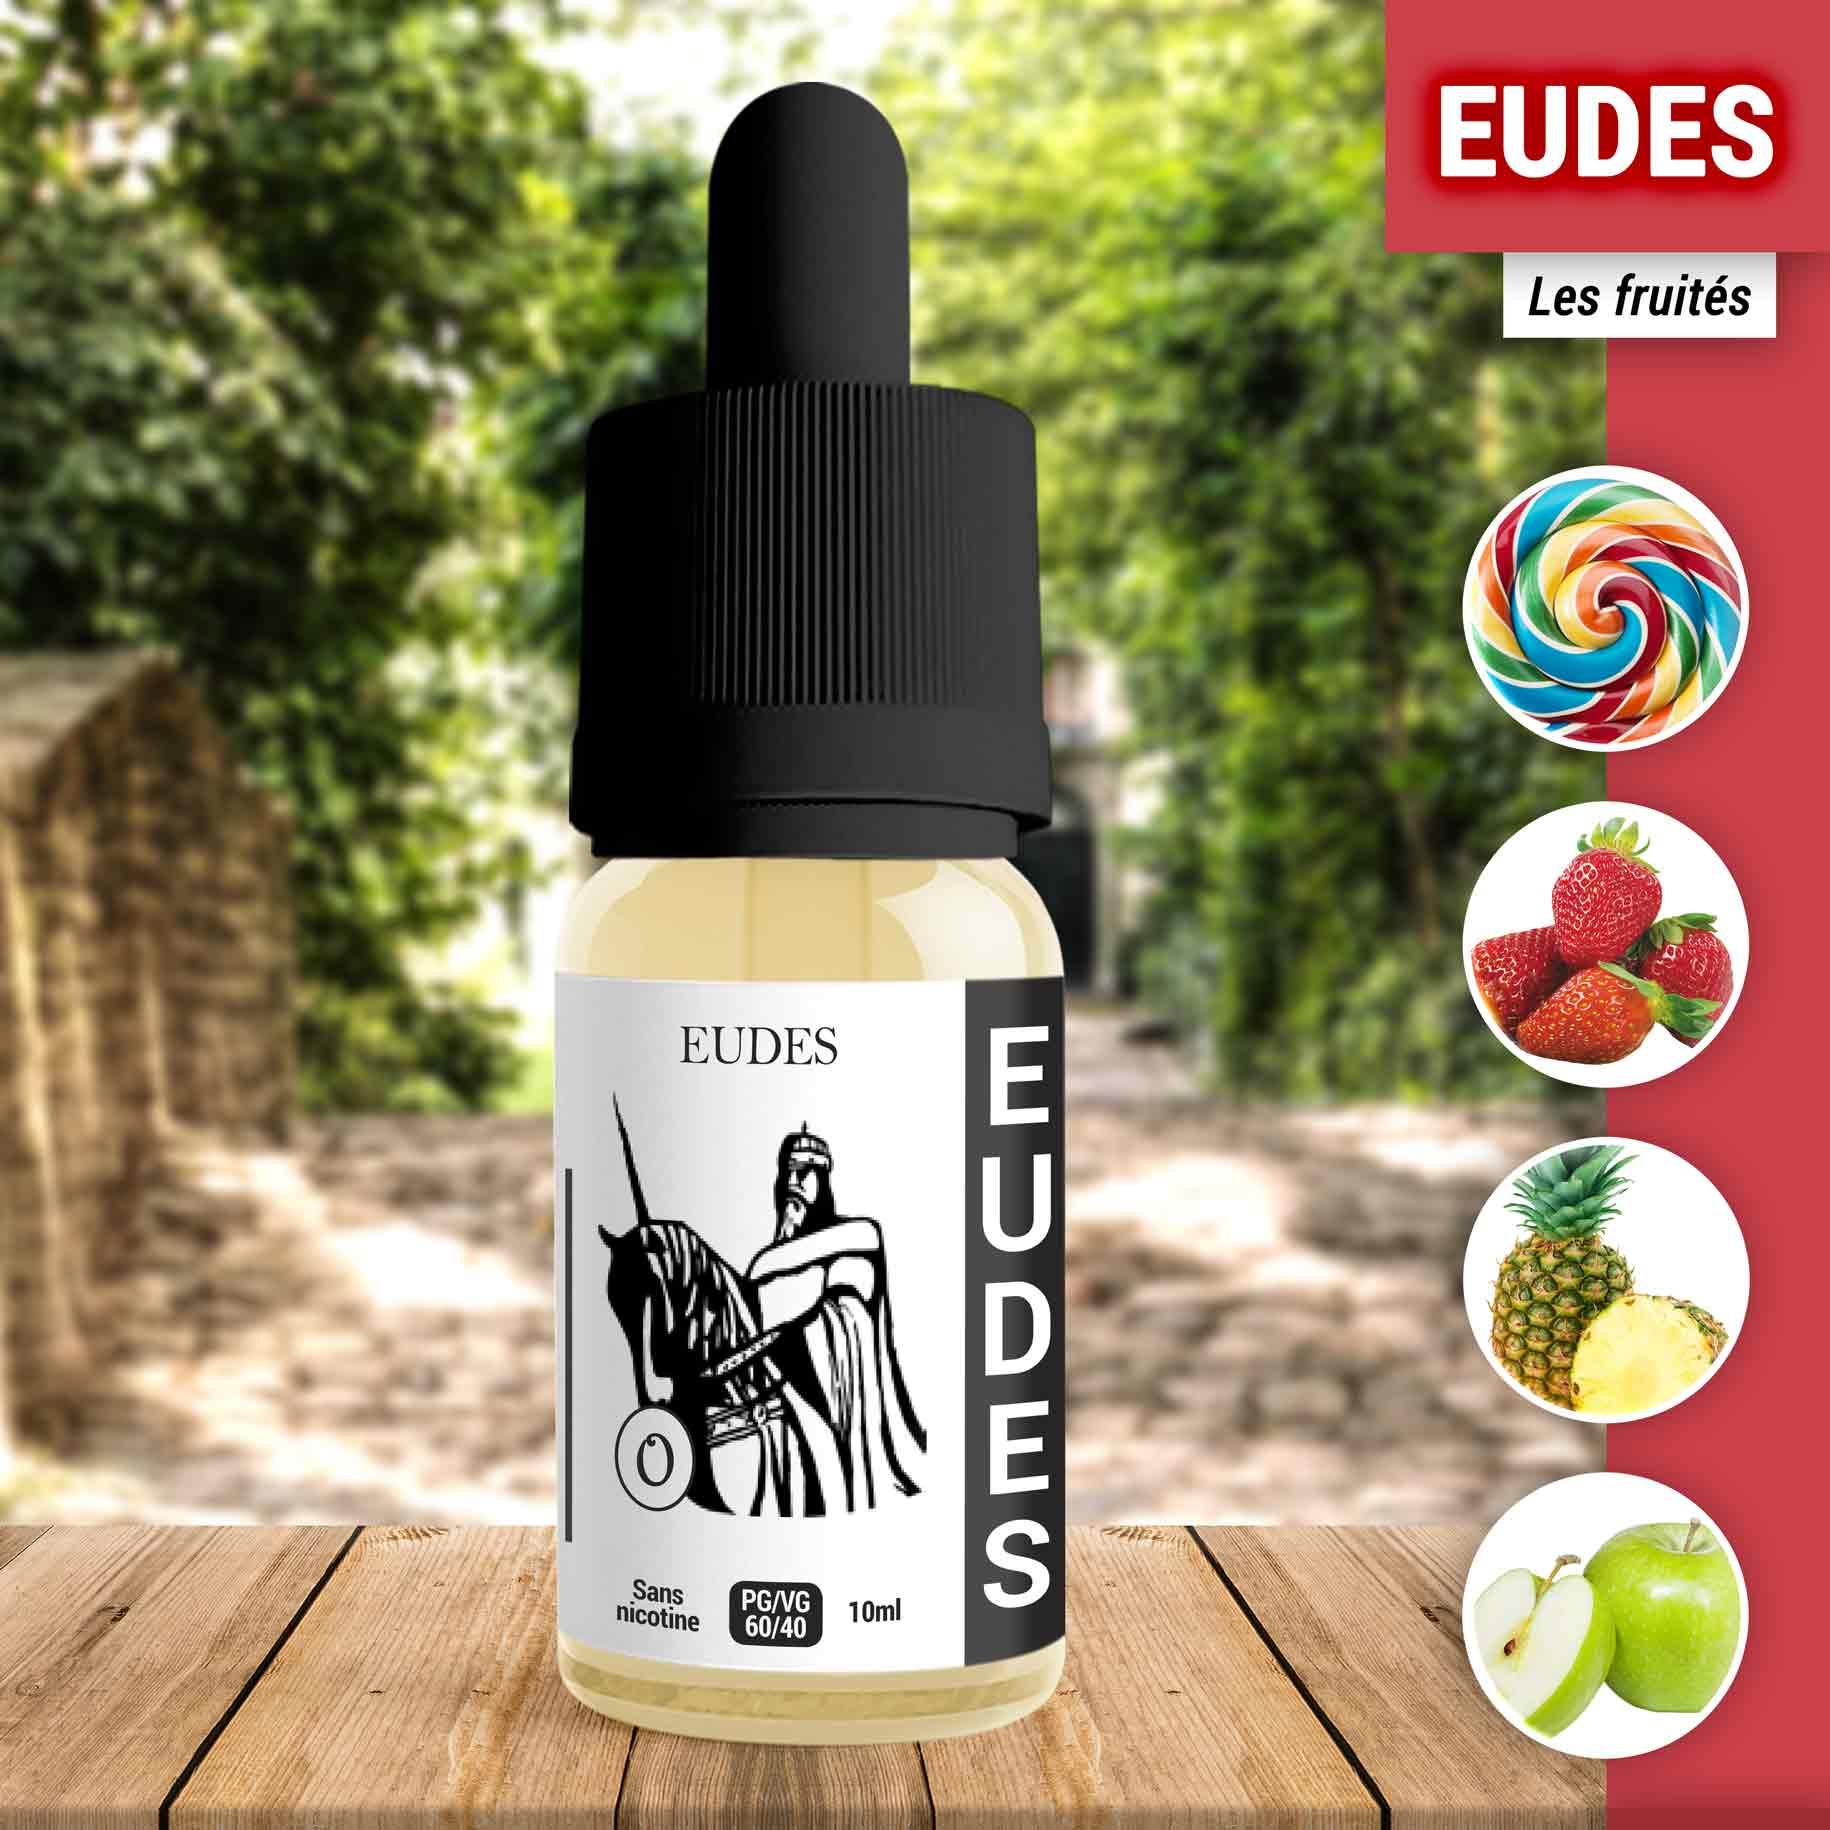 E-liquide Eudes 10ml